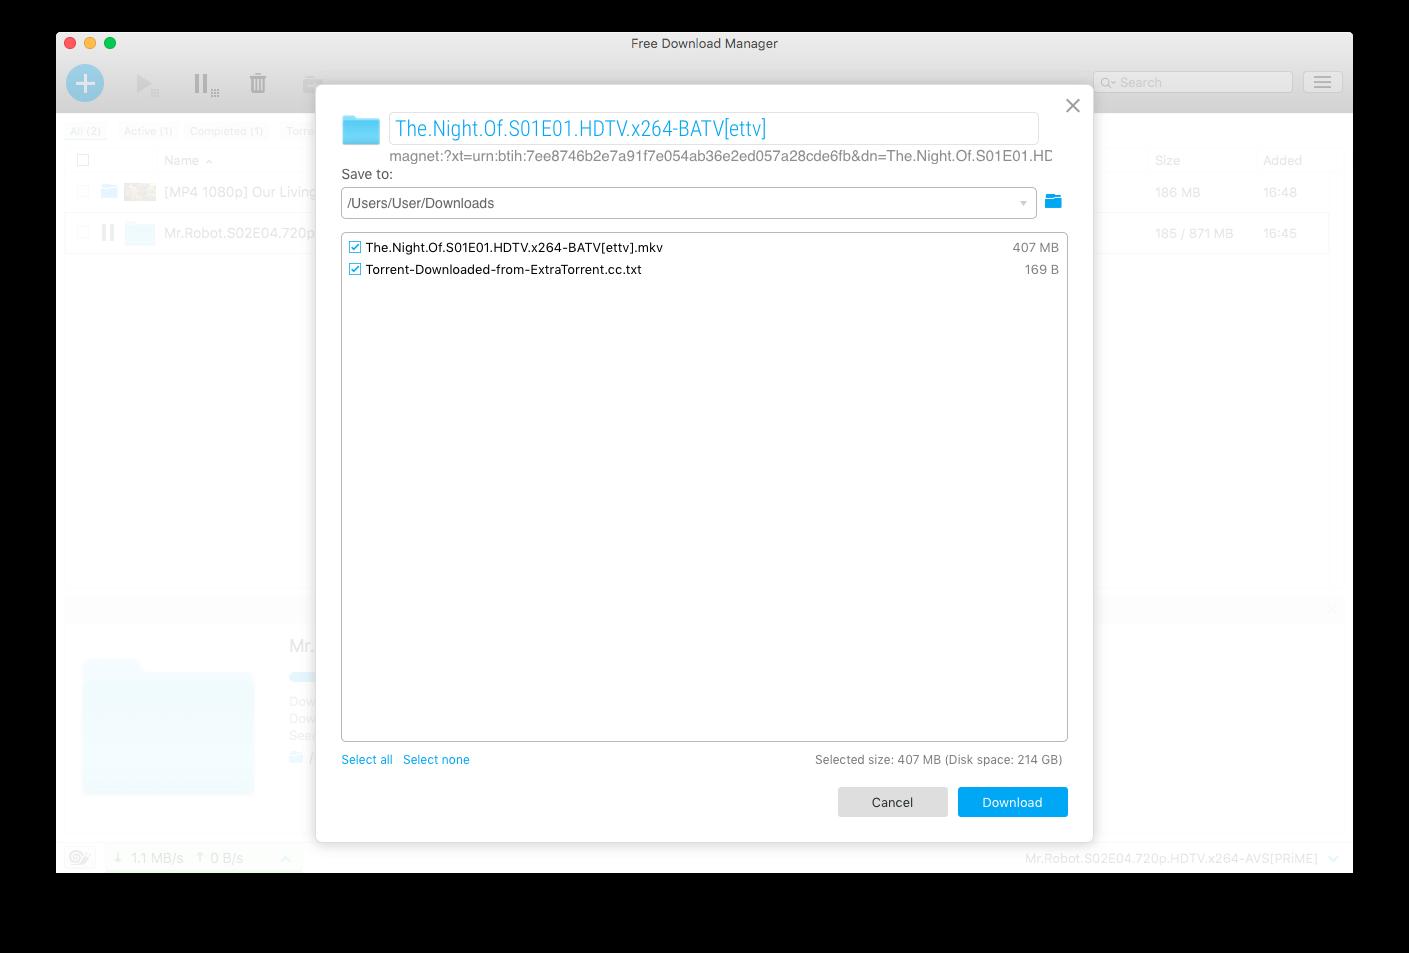 Torrent Download window